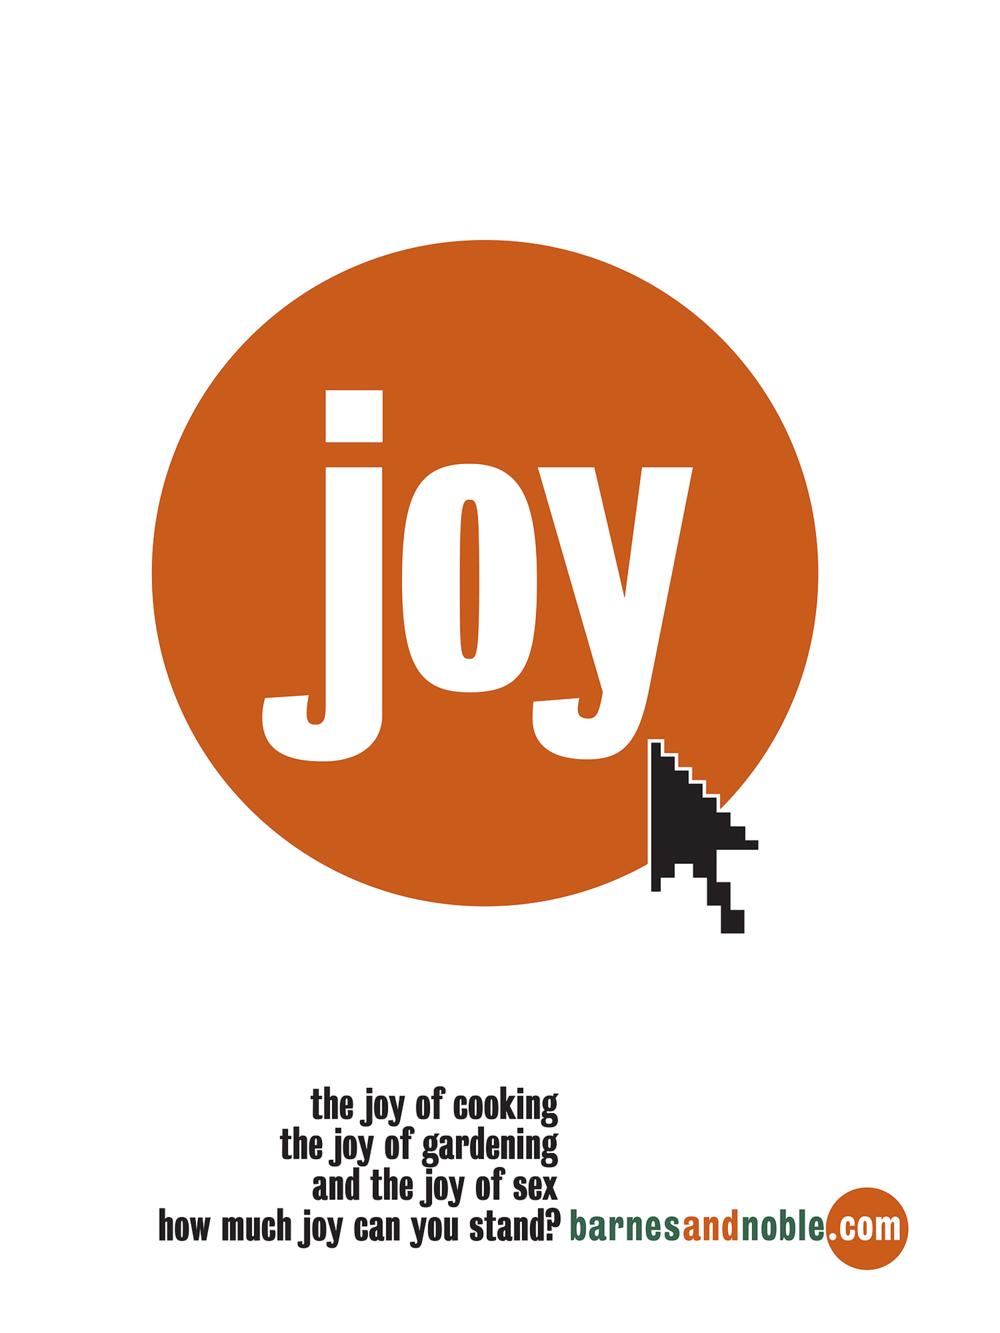 b&n joy#01 copy.png